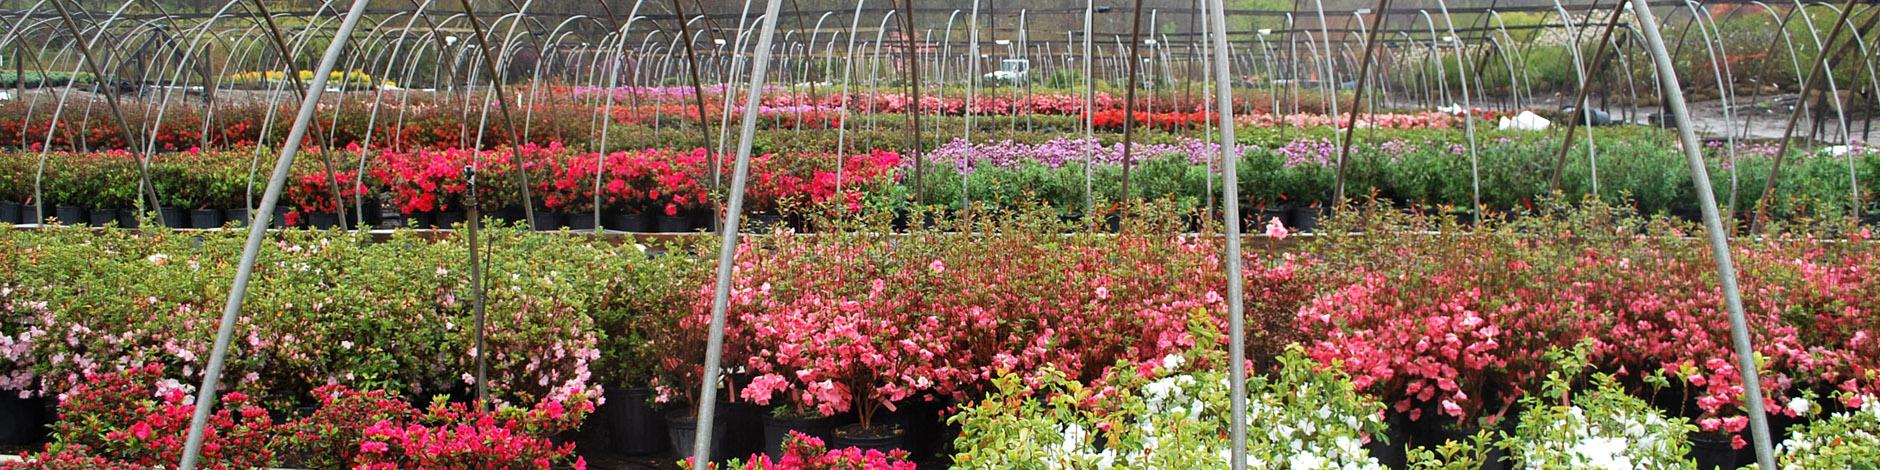 Planters\' Choice | Connecticut\'s Wholesale Nursery